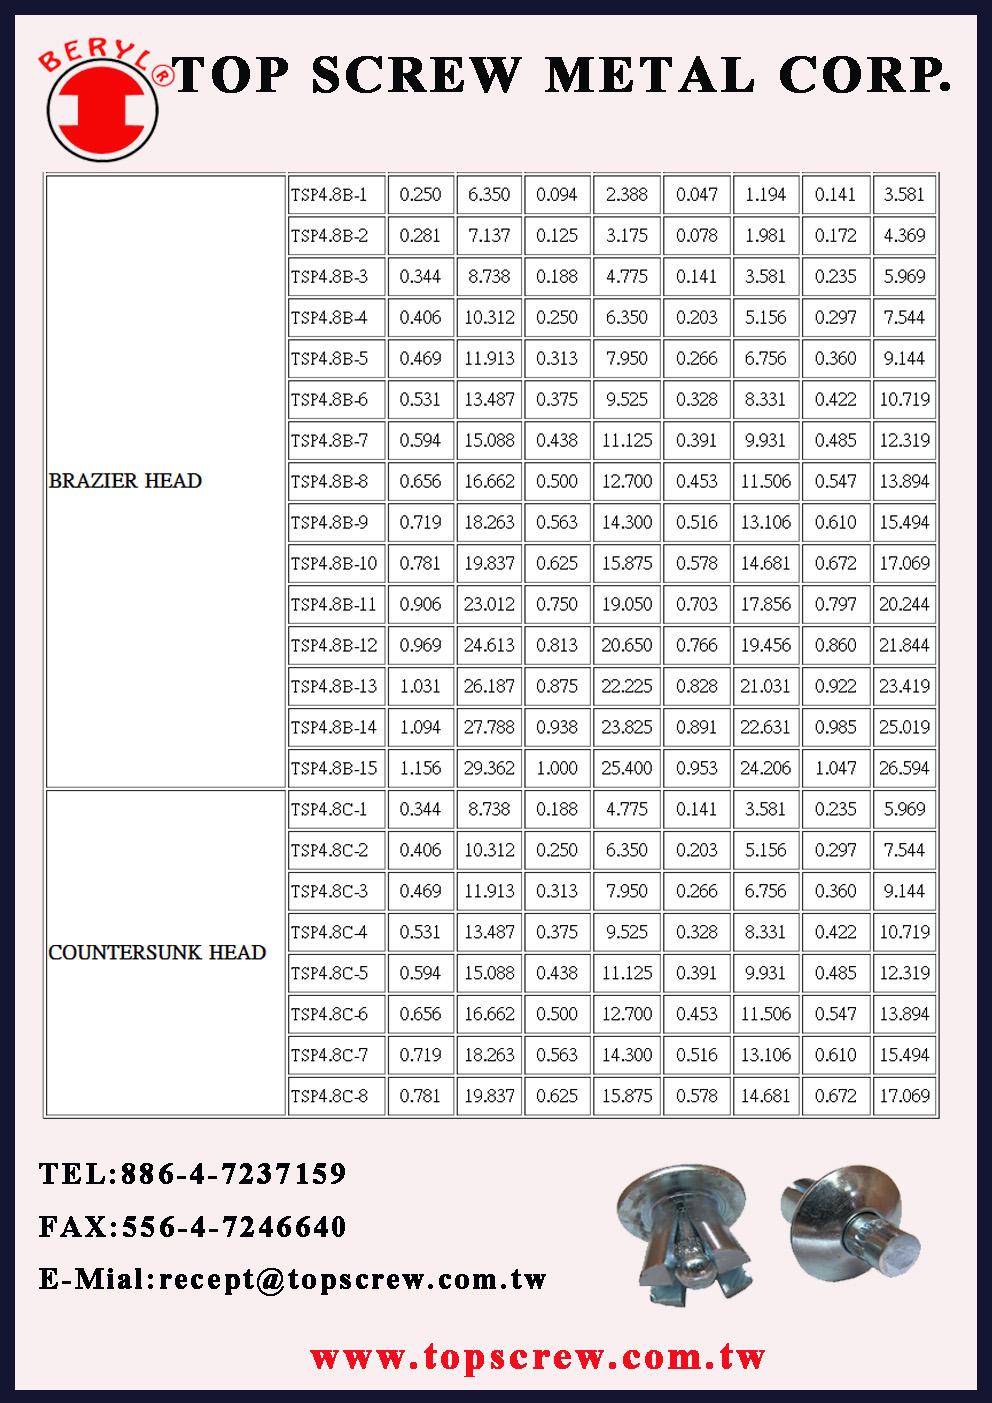 捶釘,槓釘,撞釘,快速鉚釘,槌釘,快速擊釘,槓釘,SPEED PIN RIVETS,PIN RIVET,SPEED RIVET,RIVETS,,螺峯金屬,金屬工業,金屬鍛造,機械零件,工業零件,電子零件,機械零件,五金零件,緊固件,螺峯